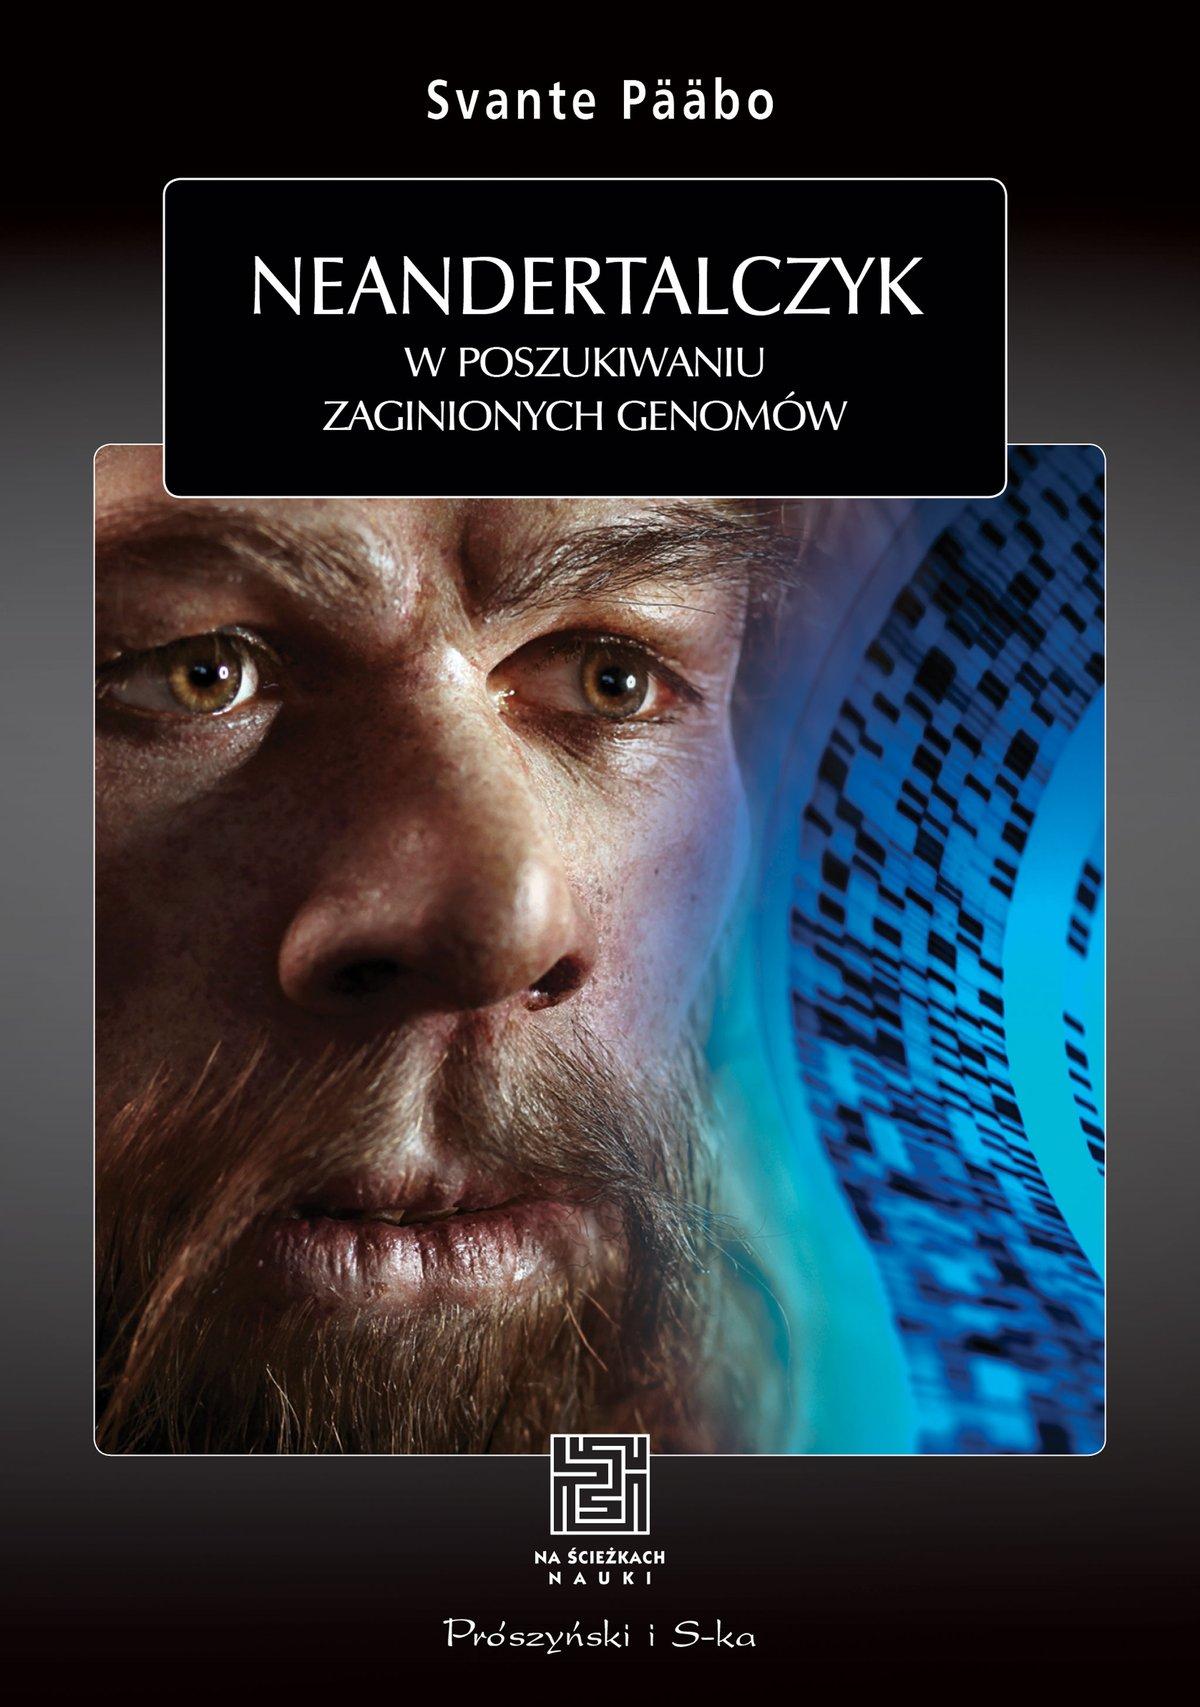 Neandertalczyk - Ebook (Książka EPUB) do pobrania w formacie EPUB